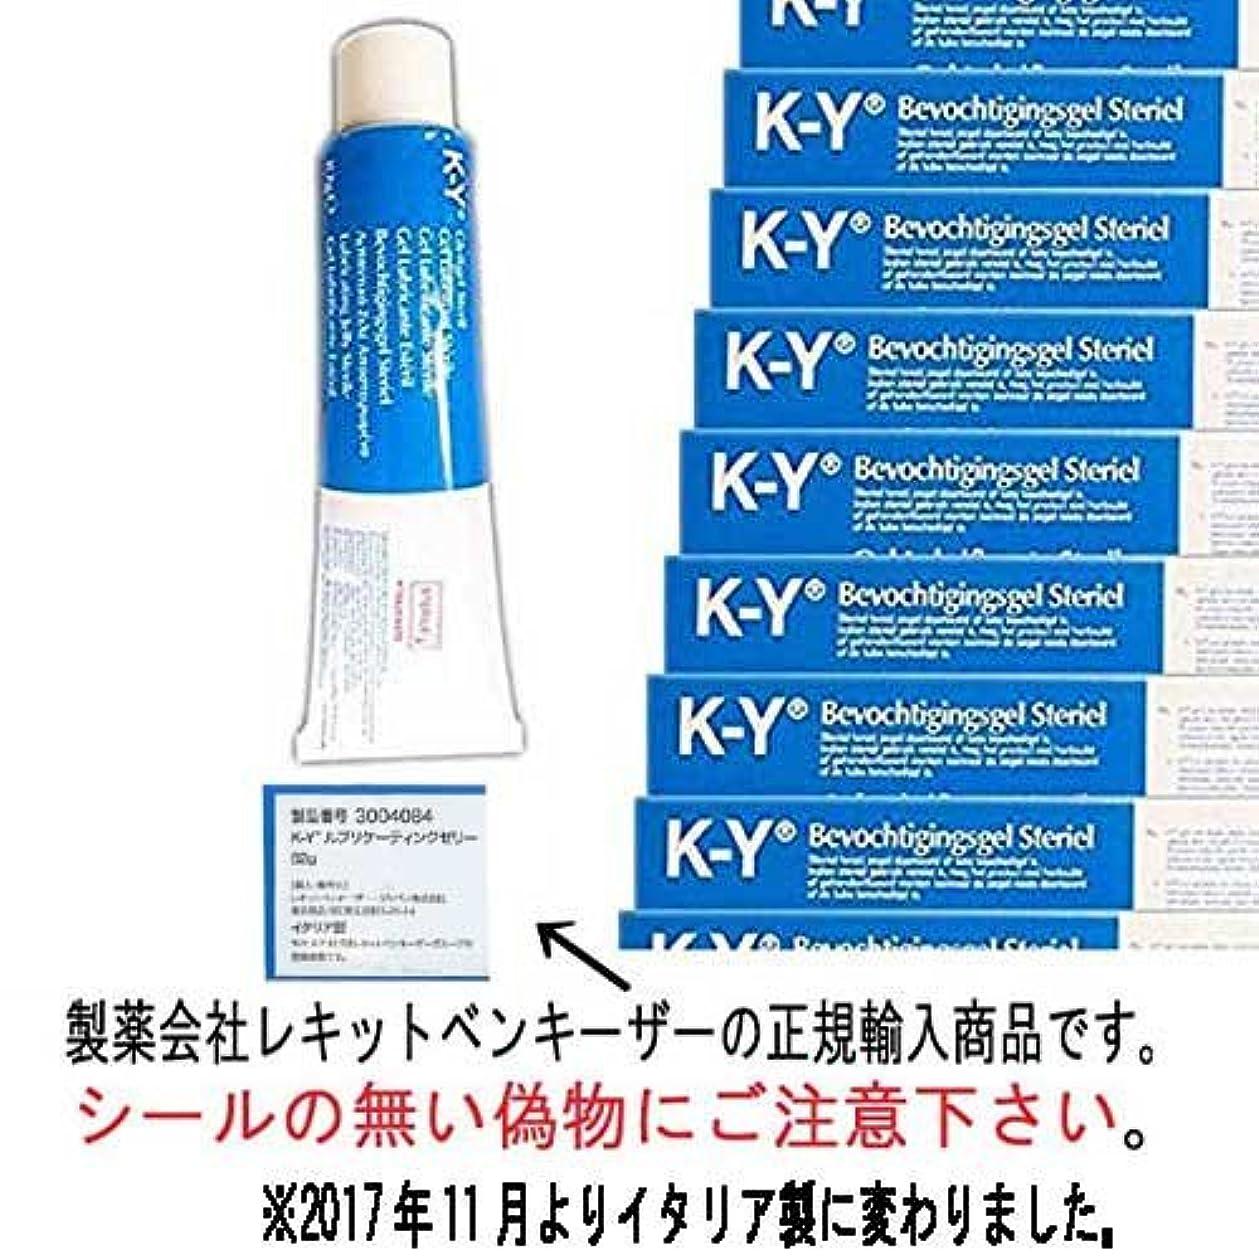 オーケストラごめんなさい予防接種するKYゼリー (K-Y ルブリケーティングゼリー 82g ) 1ケース(12本入)